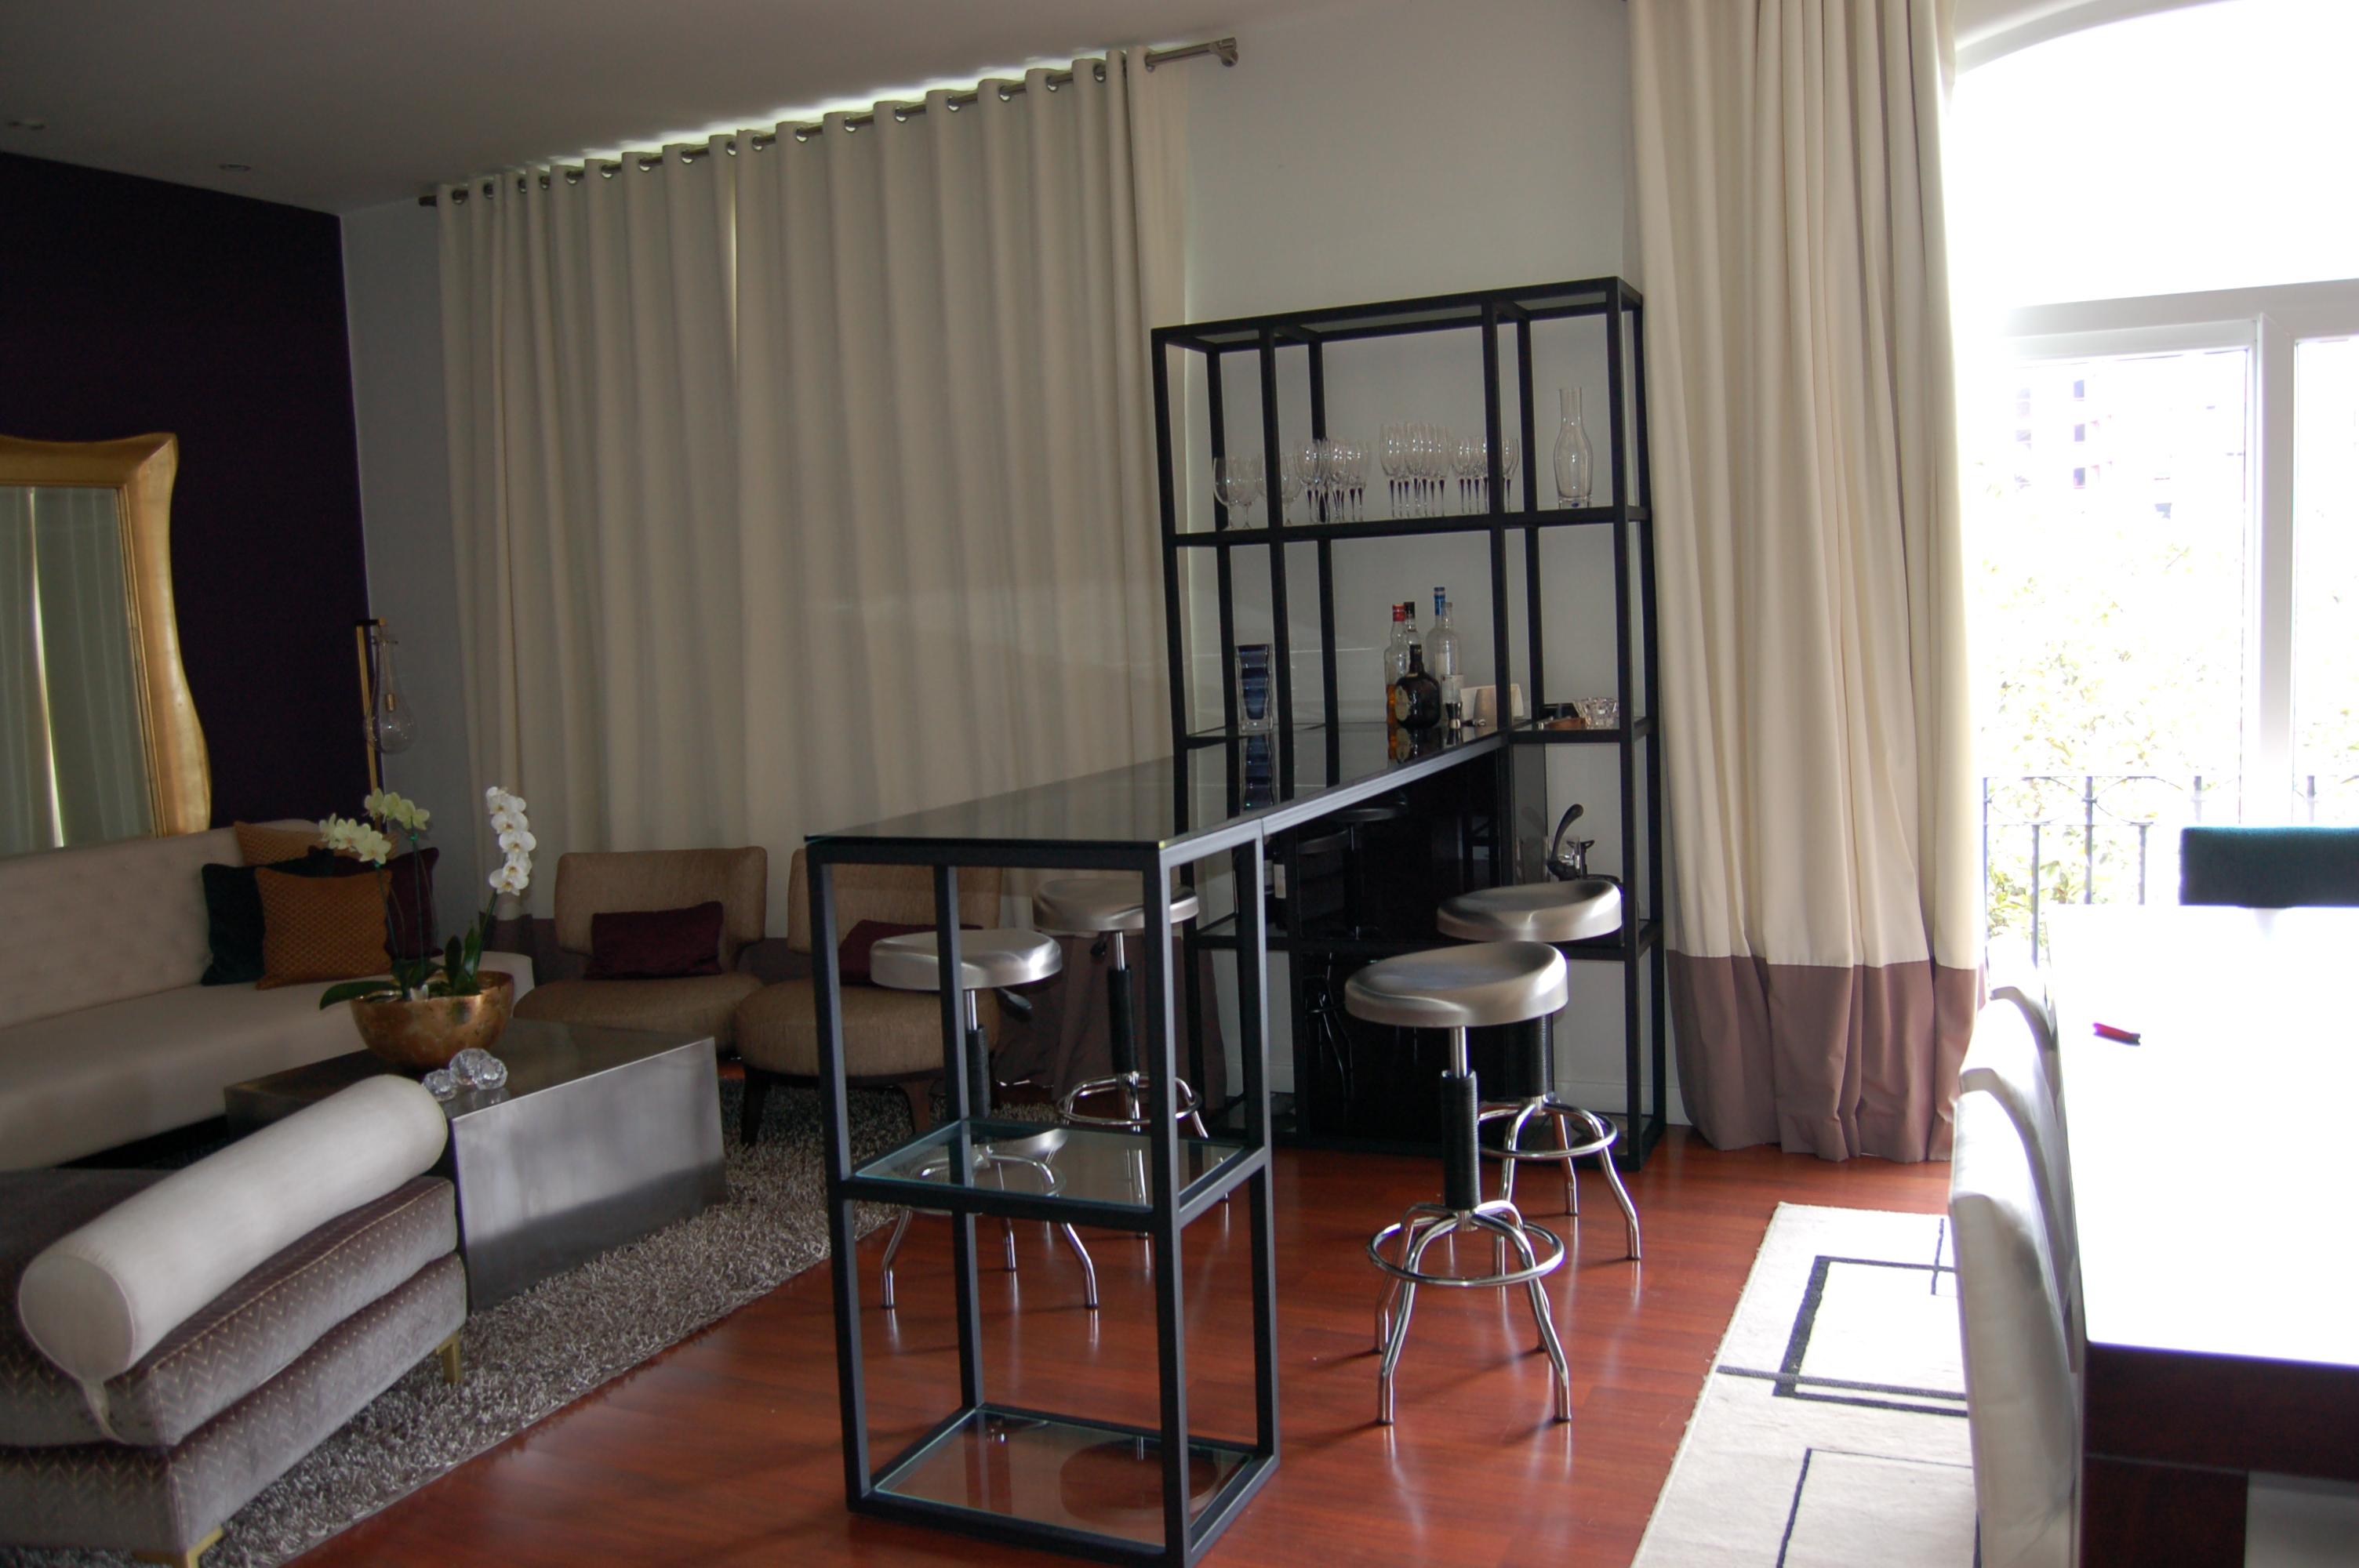 Mueble de bar en tubo de hierro y vidrio temperado